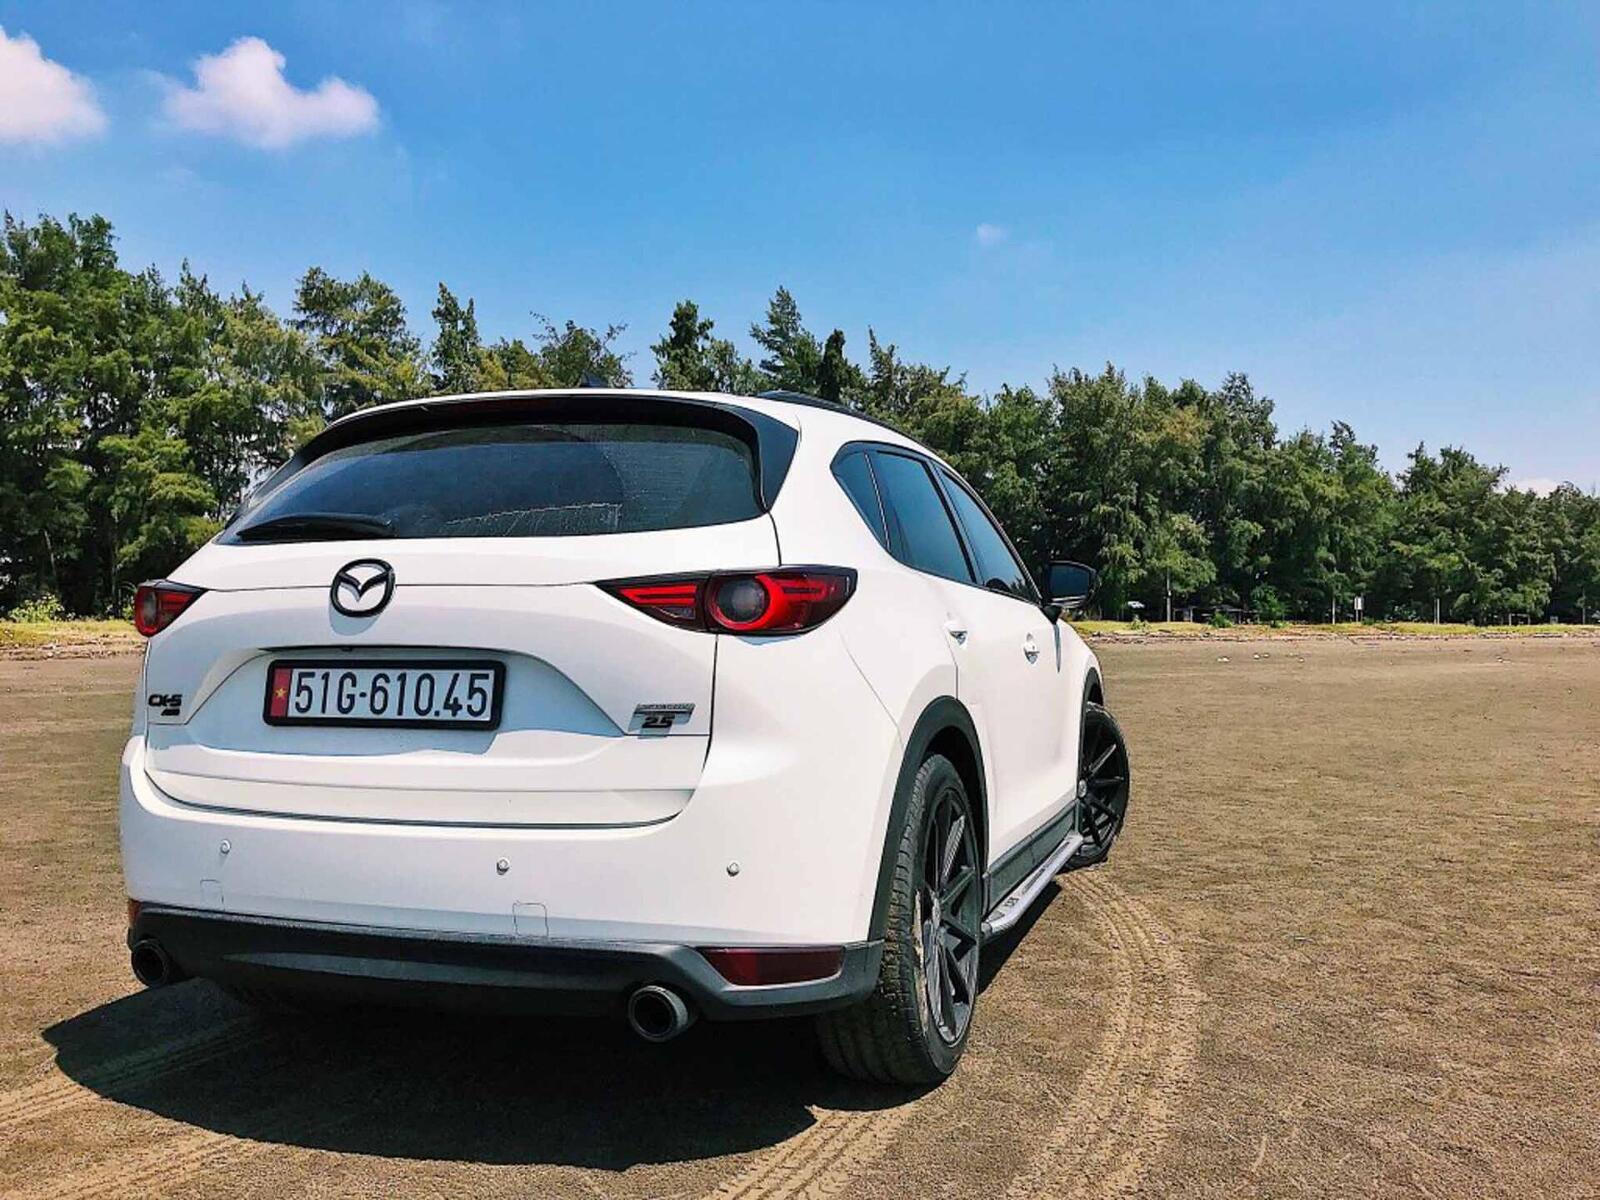 Trang điểm nhẹ cho Mazda CX-5 - Hình 7